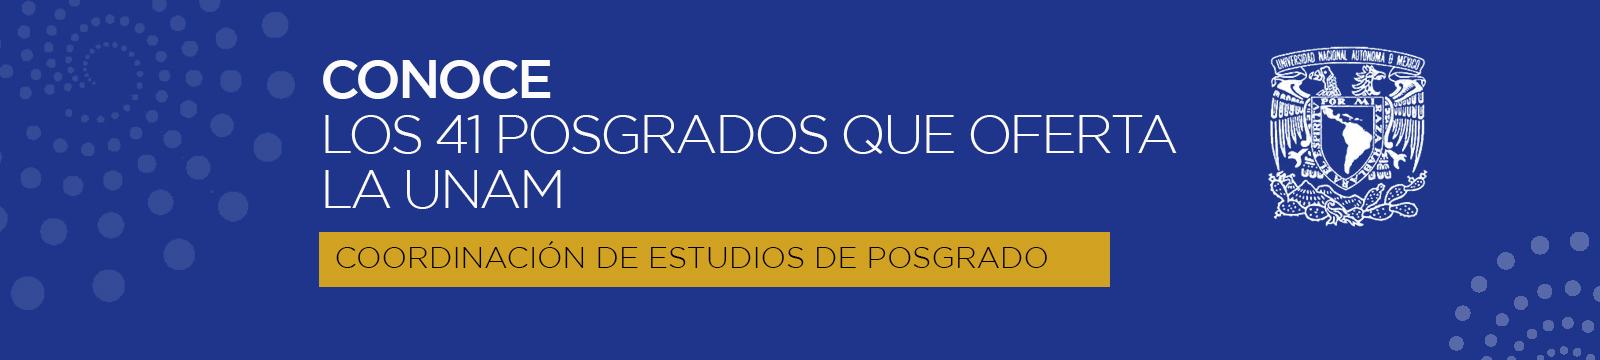 Banner ESTUDIOS DE POSGRADO